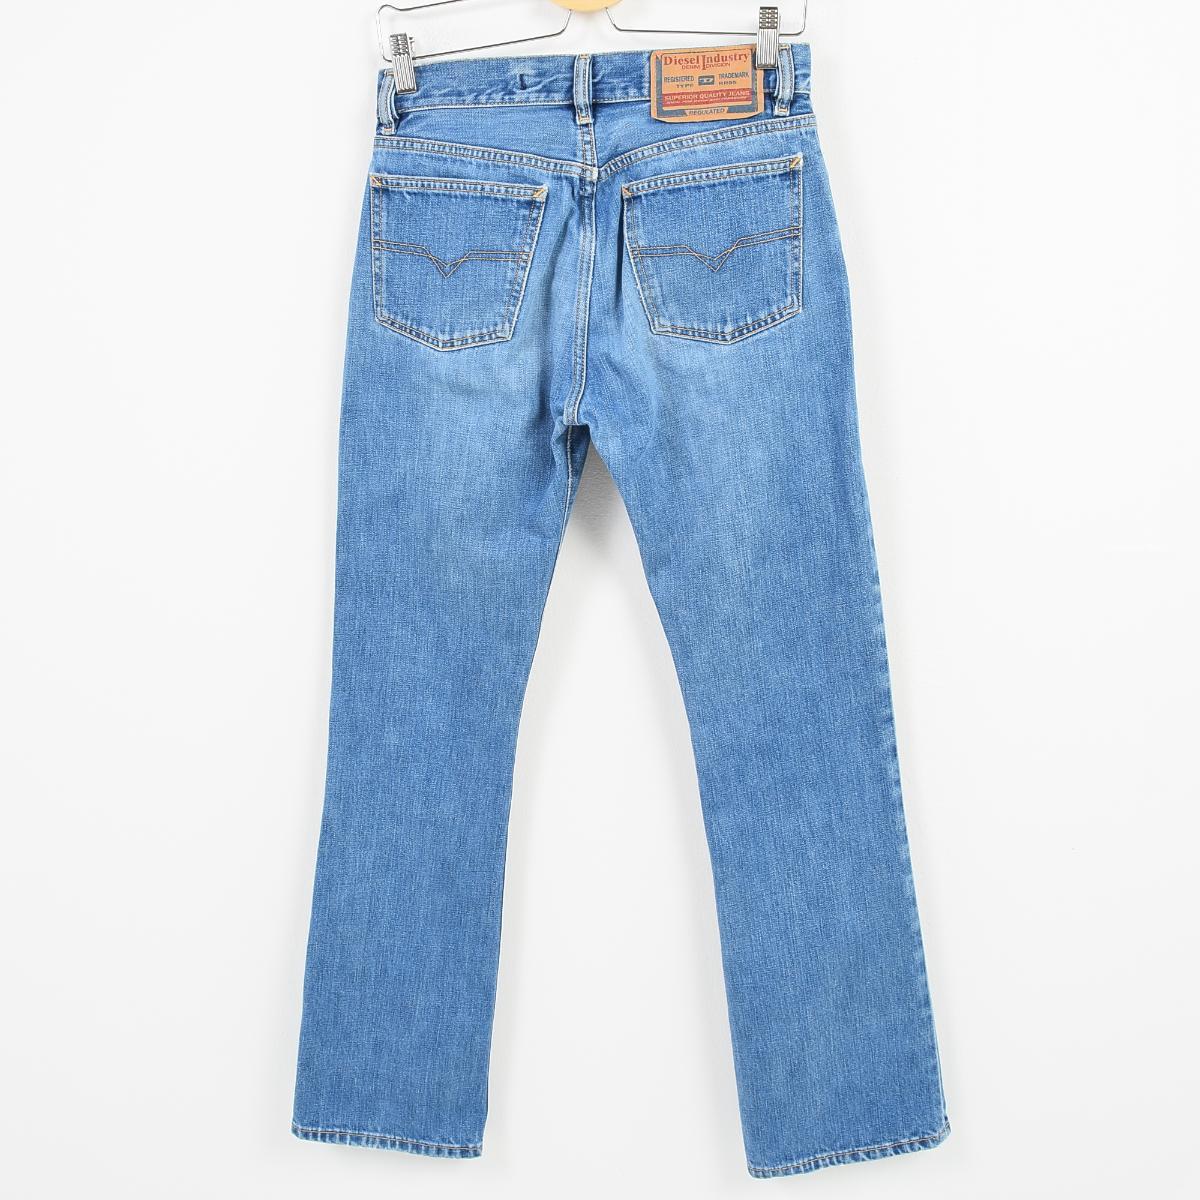 85a2ea40 ... Lady's L(w30) /wai8683 made in diesel DIESEL INDUSTRY bootcut jeans  denim underwear ...